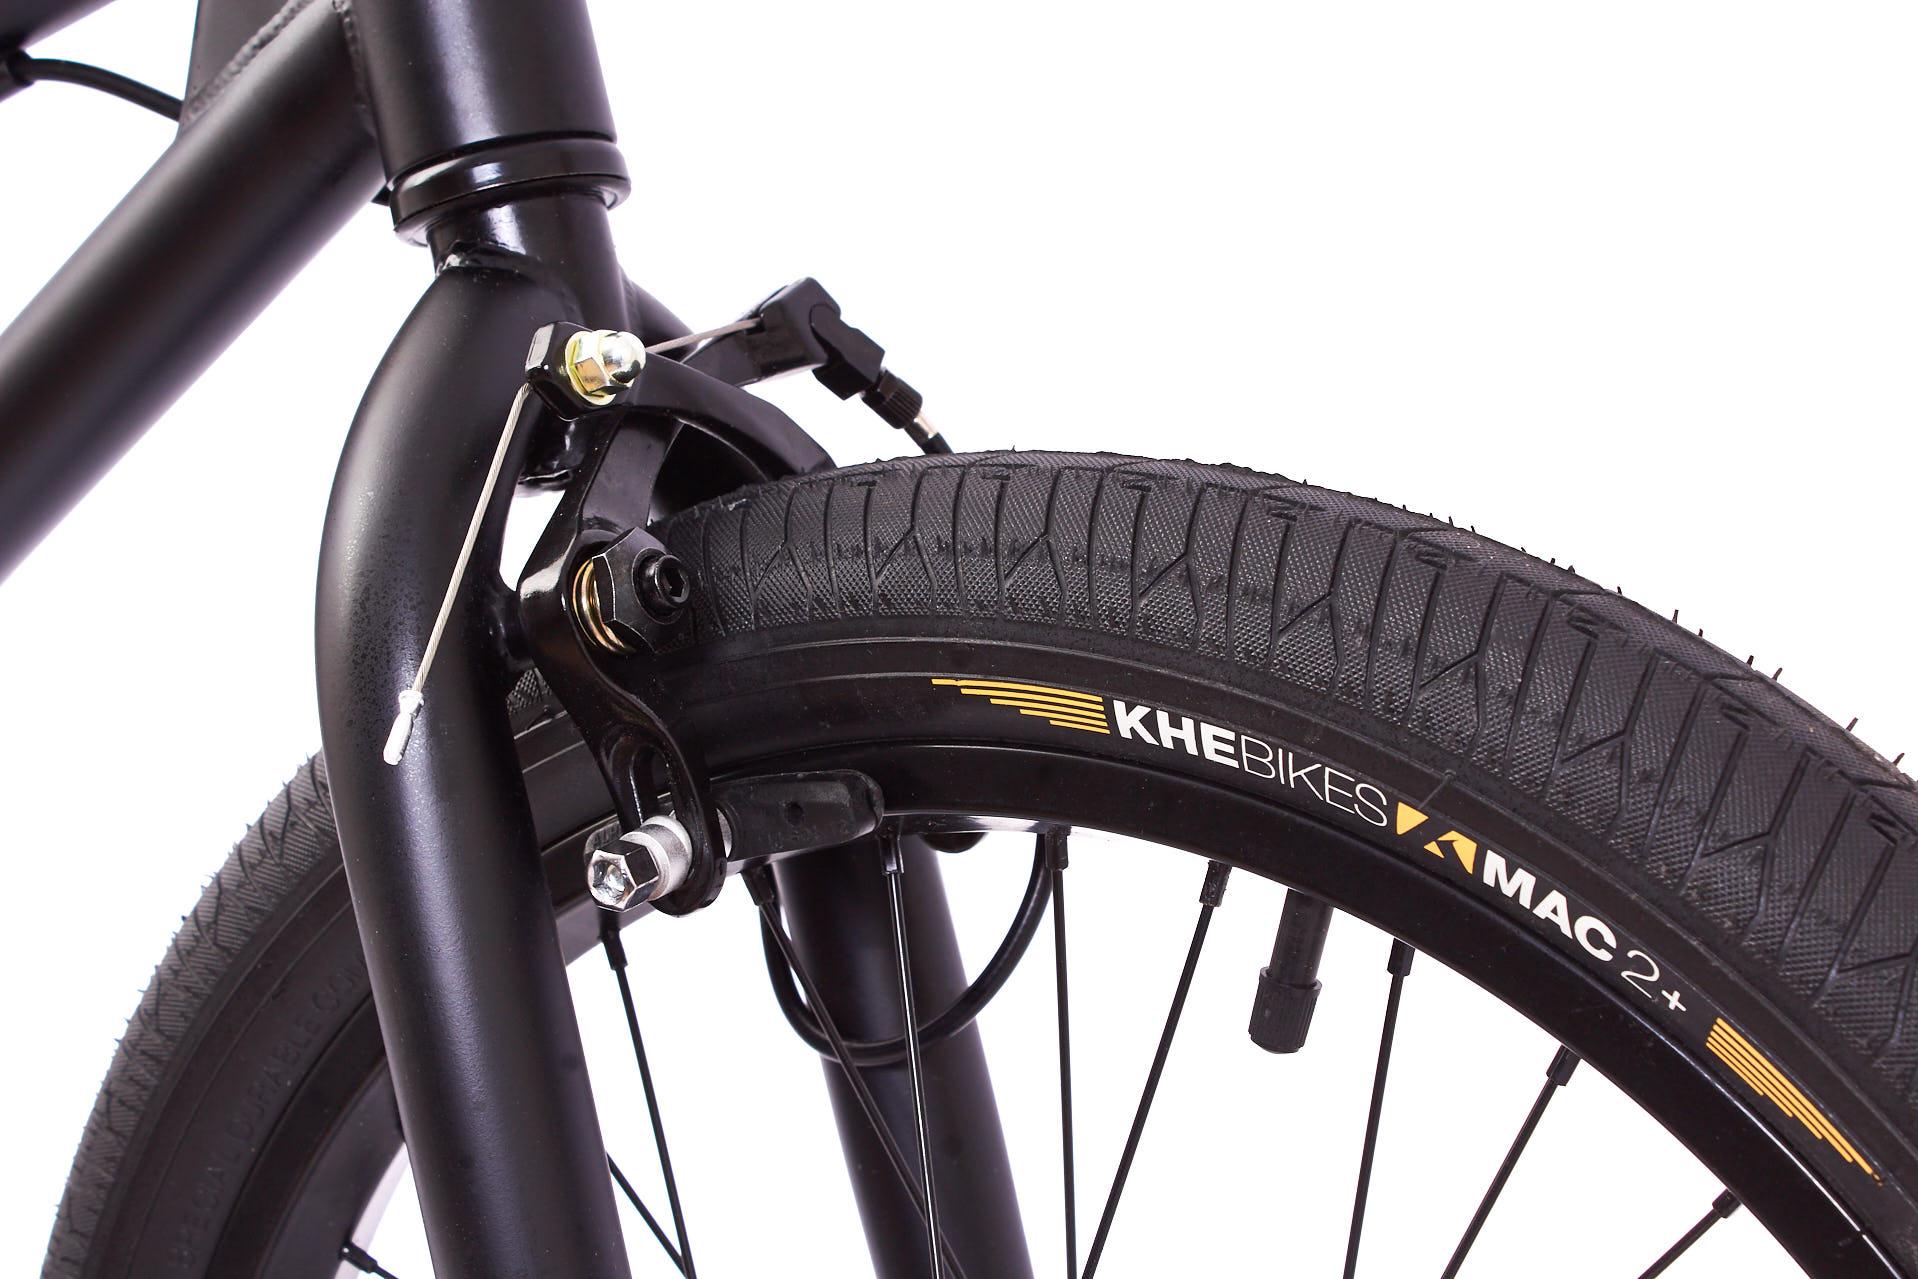 Ein weiteres Highlight des Catweazles sind die MAC2+ Reifen von KHEbikes, die nicht nur extrem leicht, sondern auch sehr stabil sind, und sich deshalb unter Pro-Fahrern großer Beliebtheit erfreuen